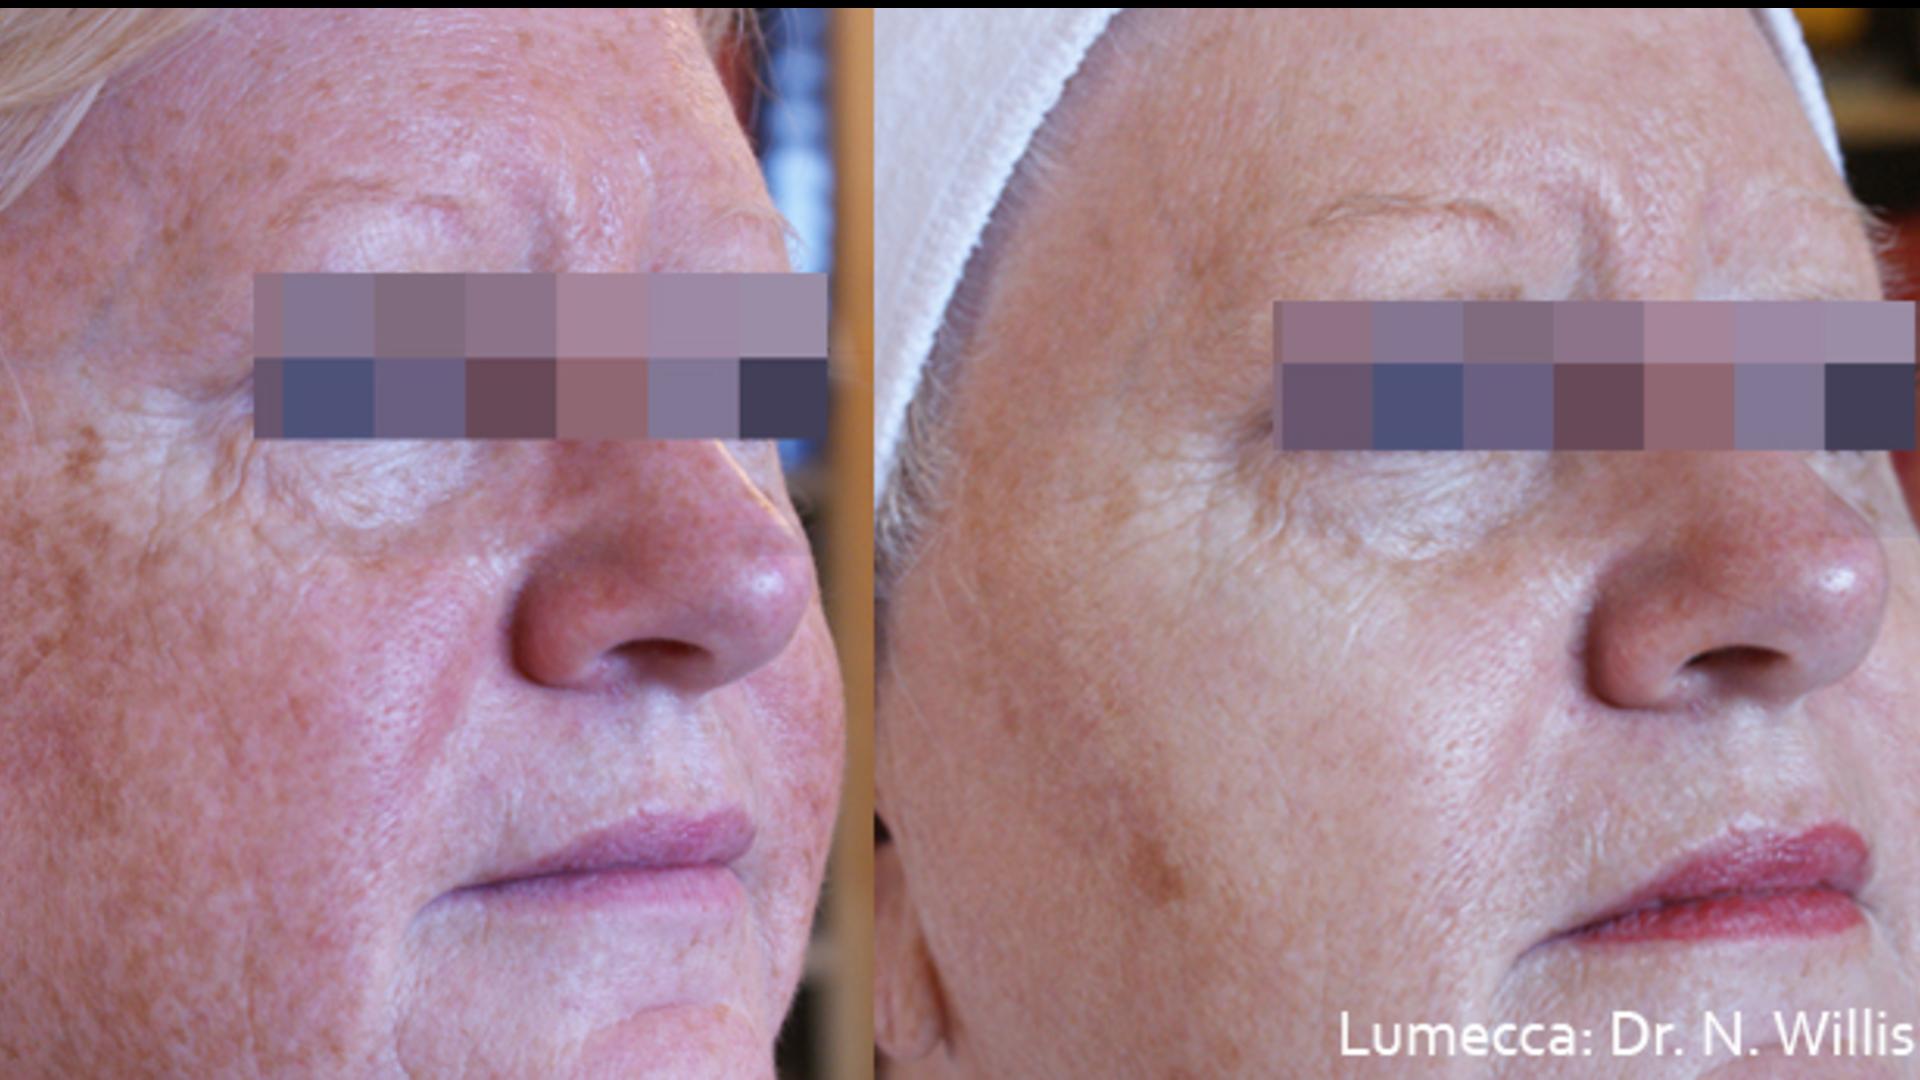 Traitement Lumecca avant et après pour se débarrasser des taches brunes.